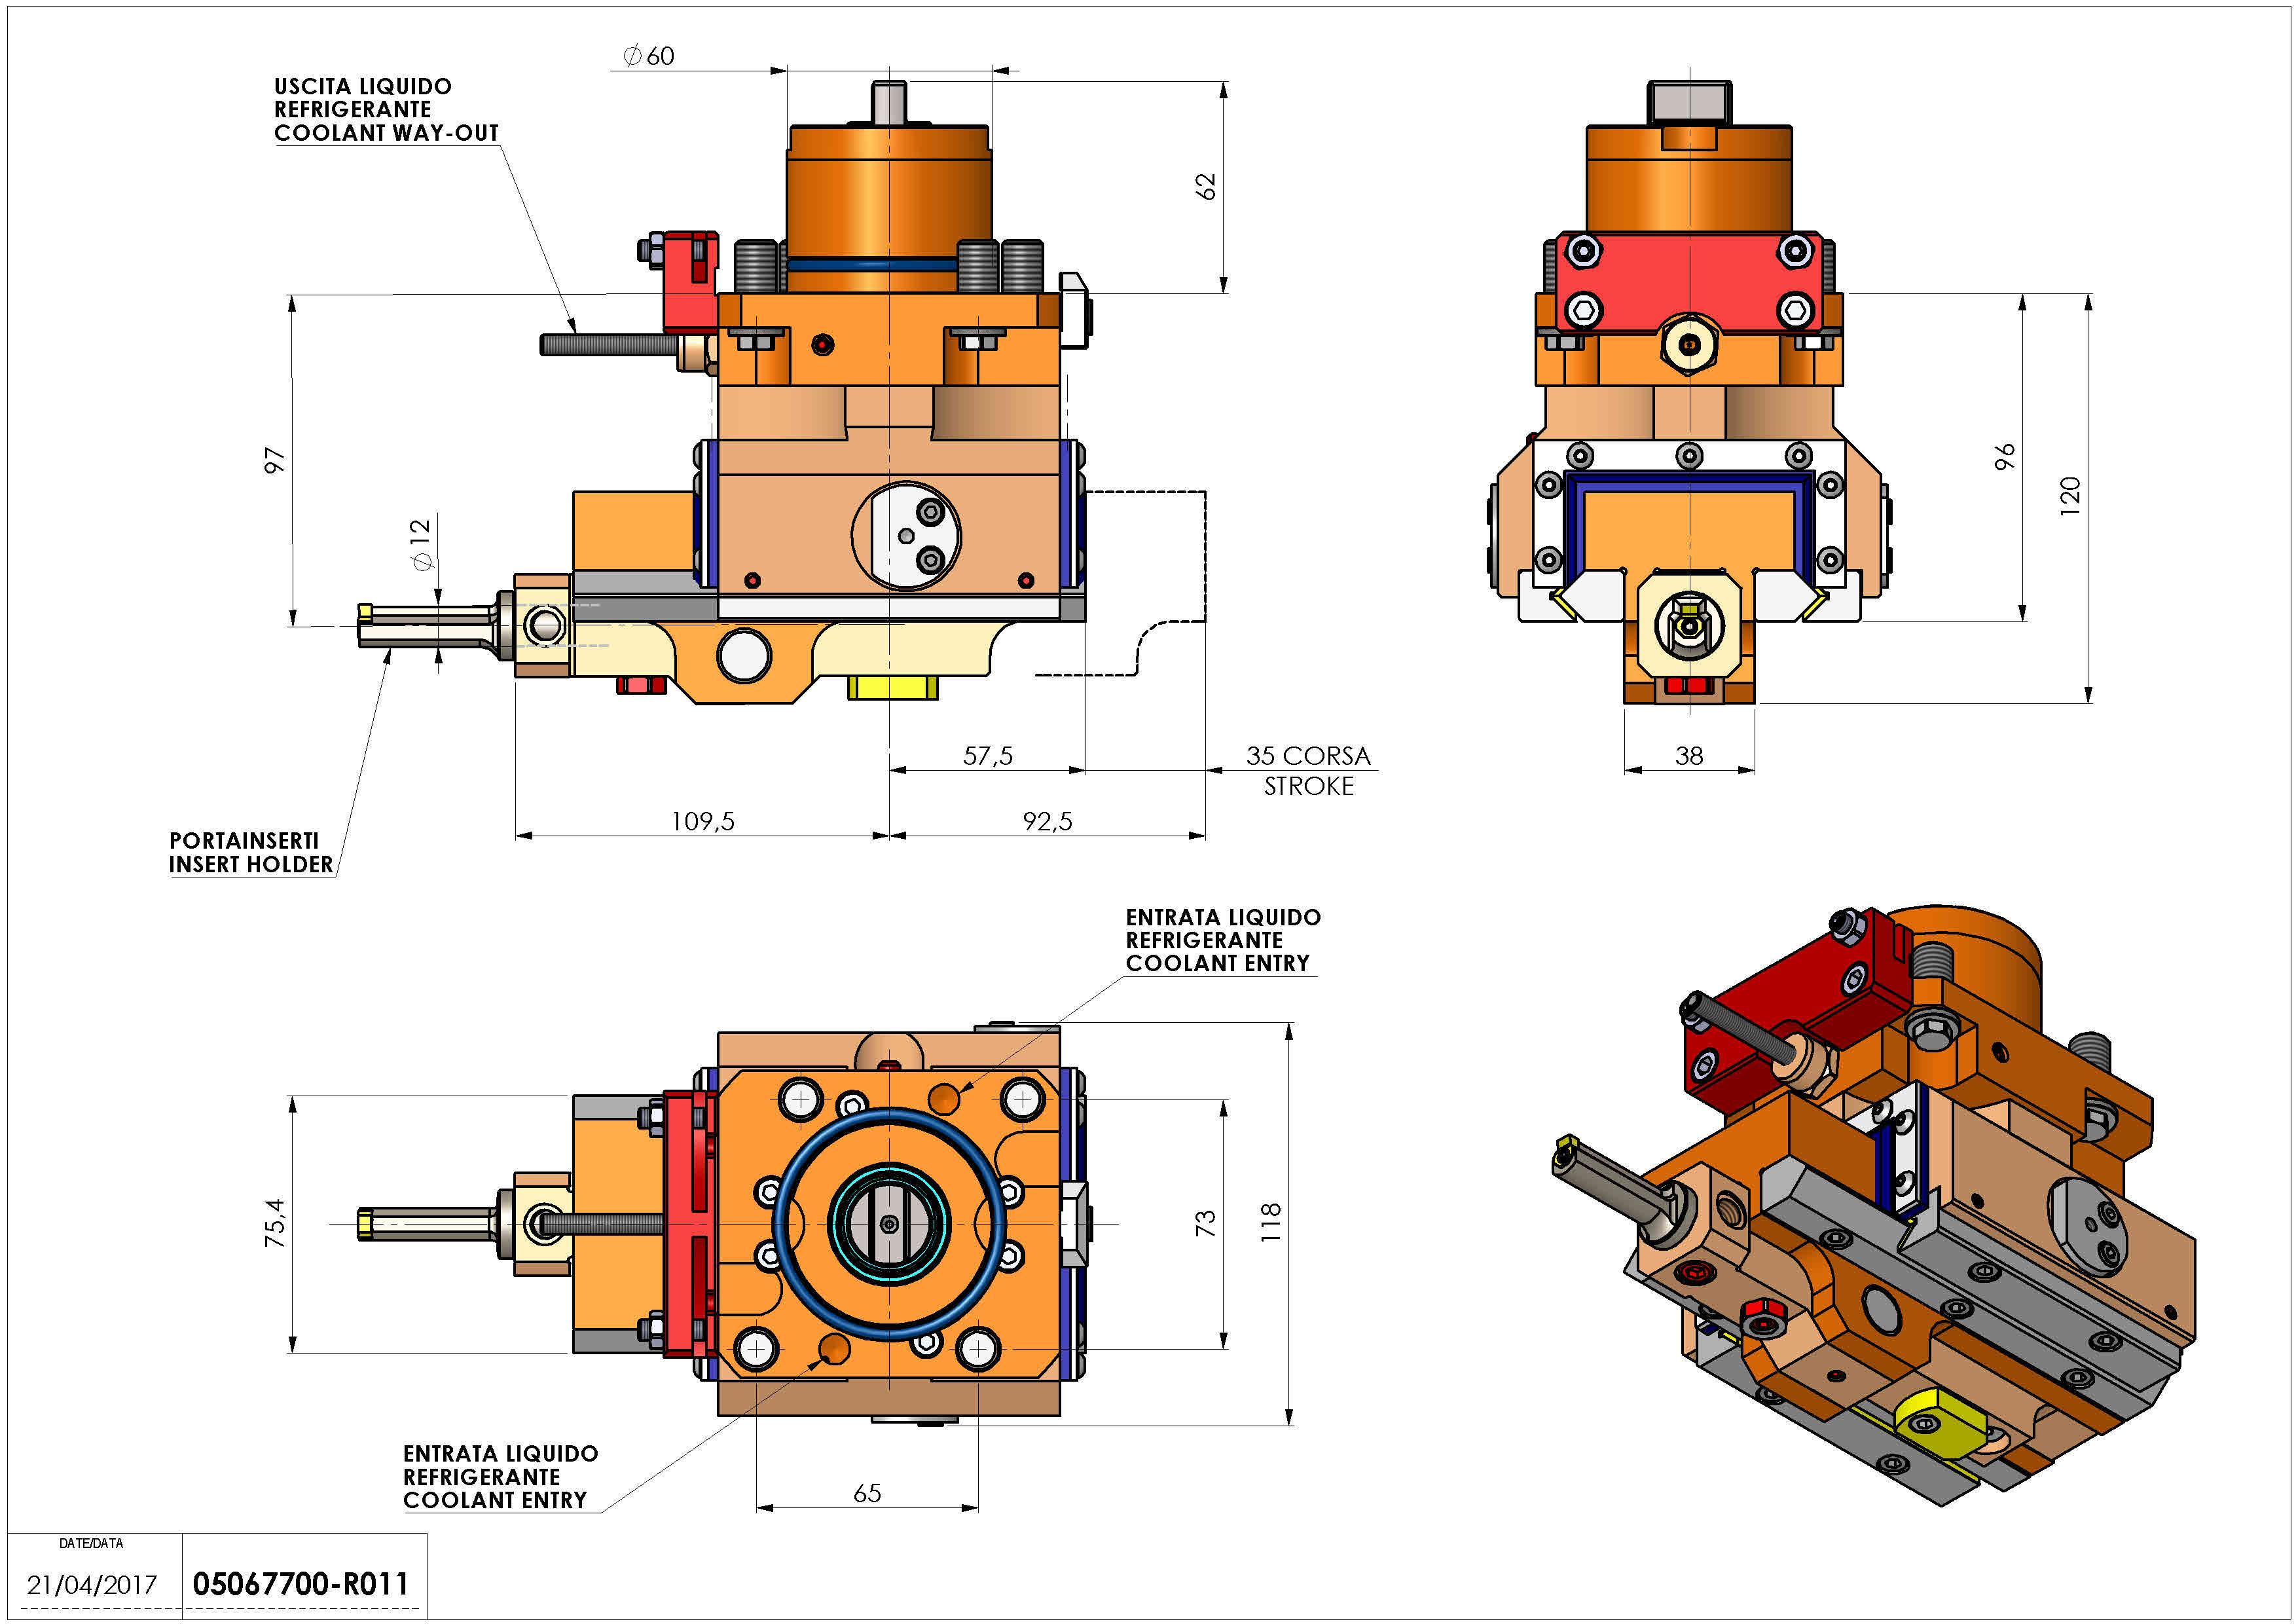 Technical image - LT-A ST35 D60 C12 H100 OK.